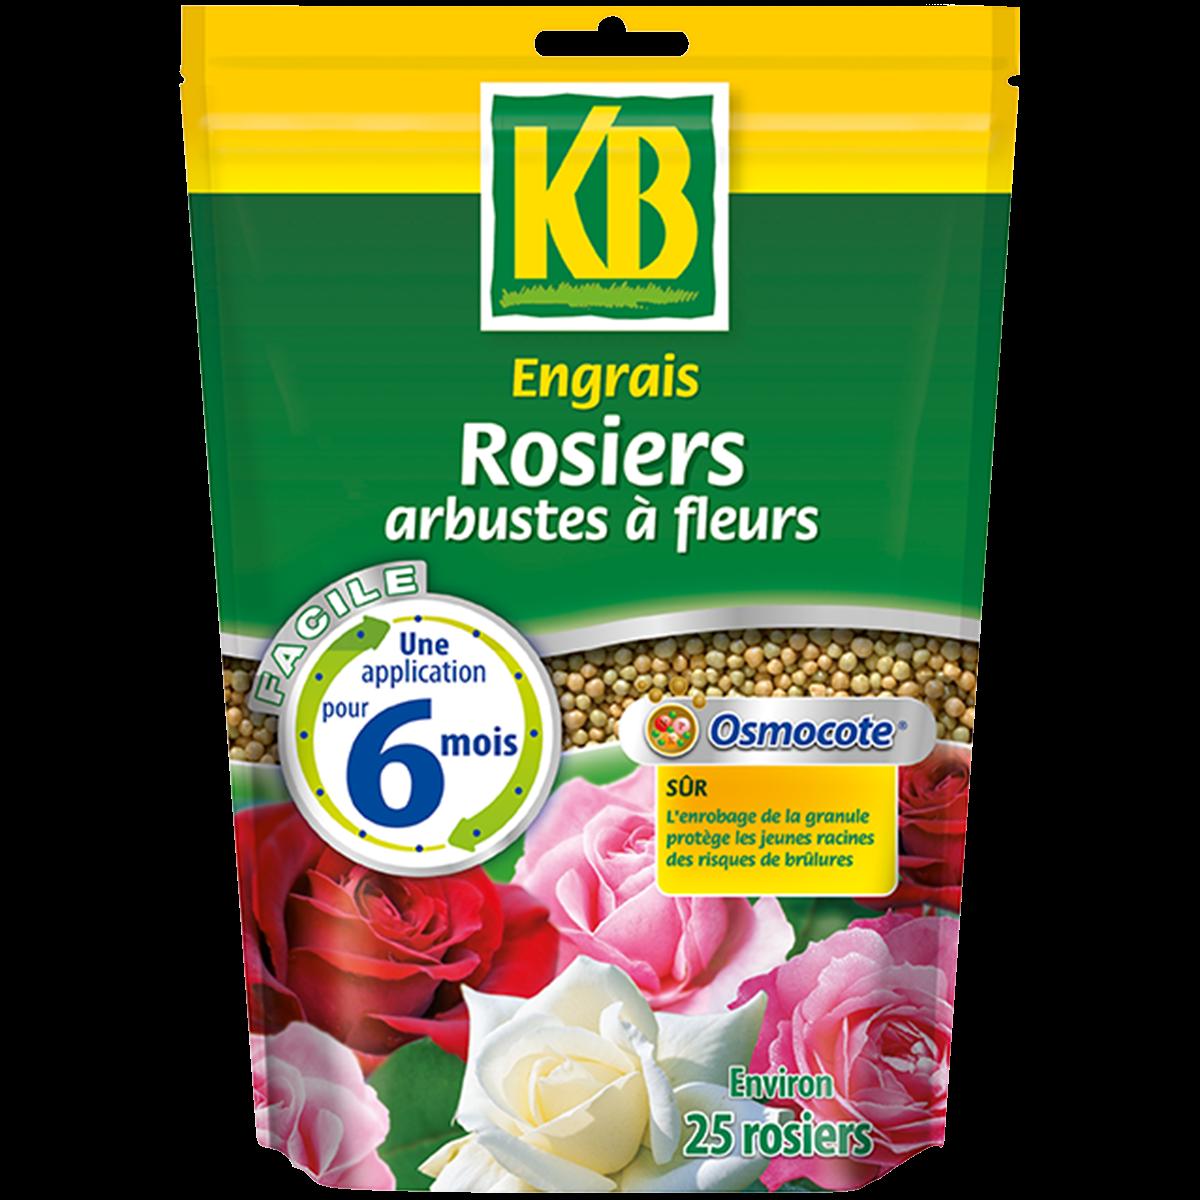 Promesse de roses quel engrais rosiers choisir - Engrais laurier rose ...